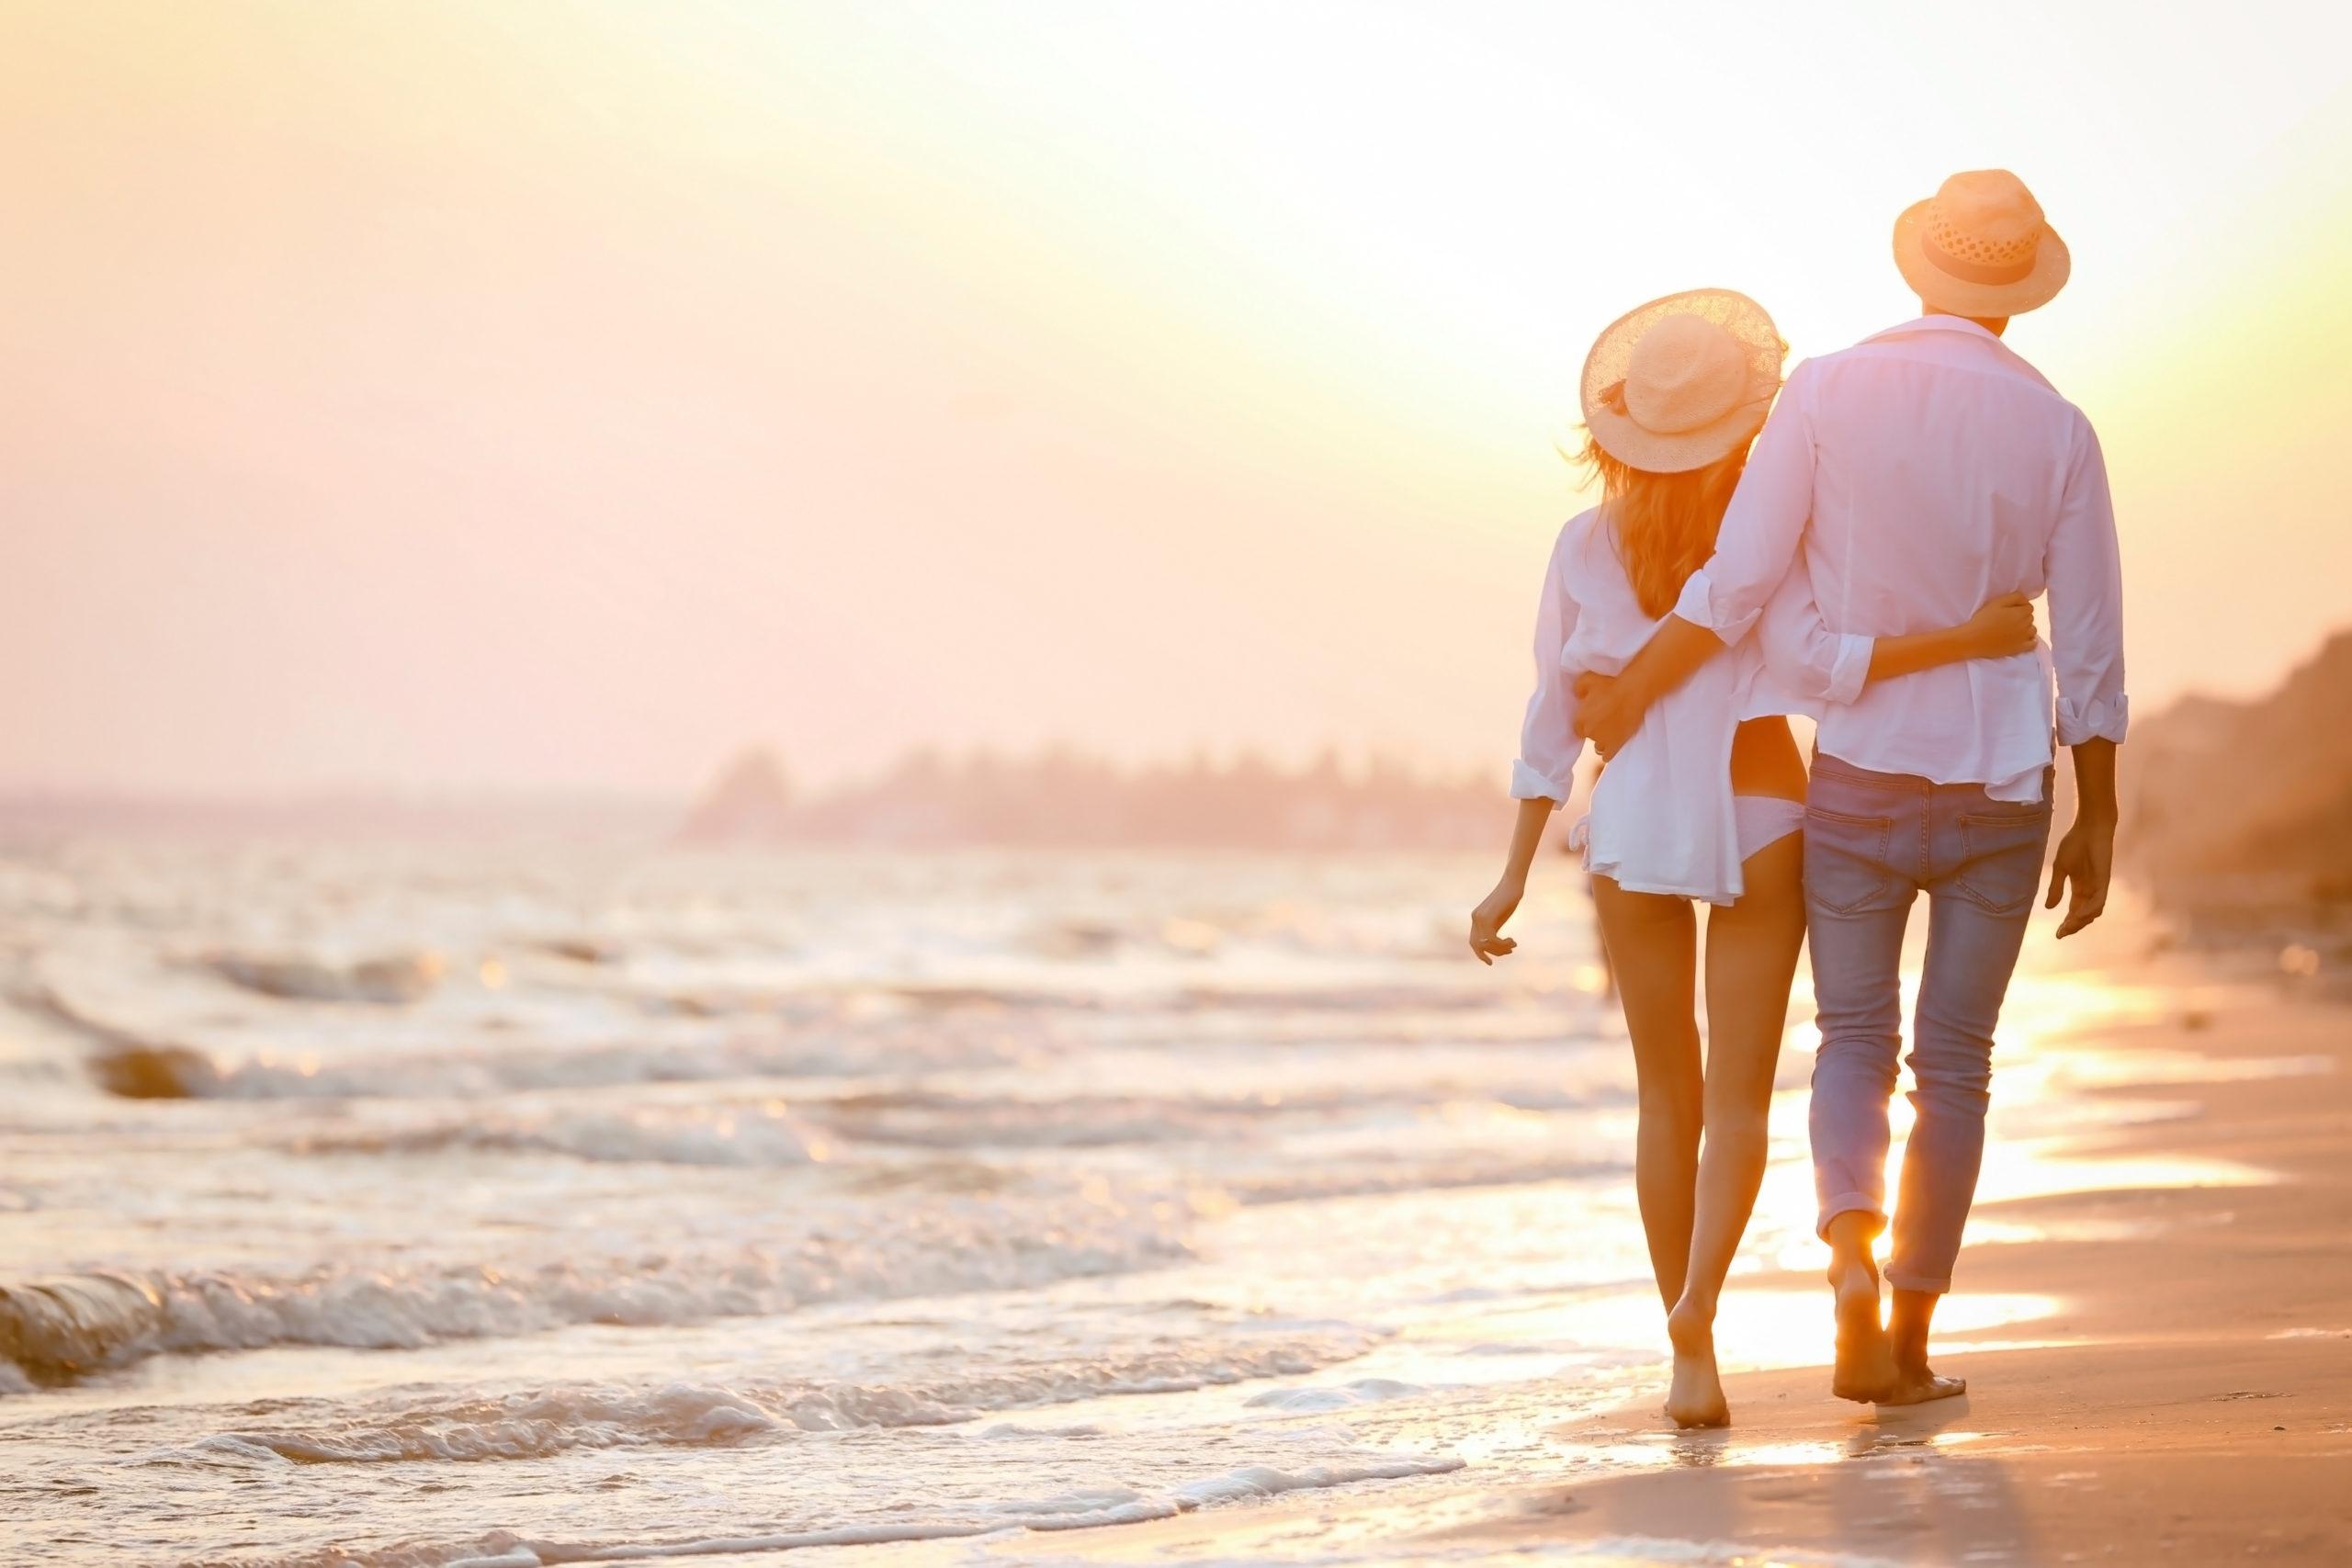 Young,Happy,Couple,On,Seashore